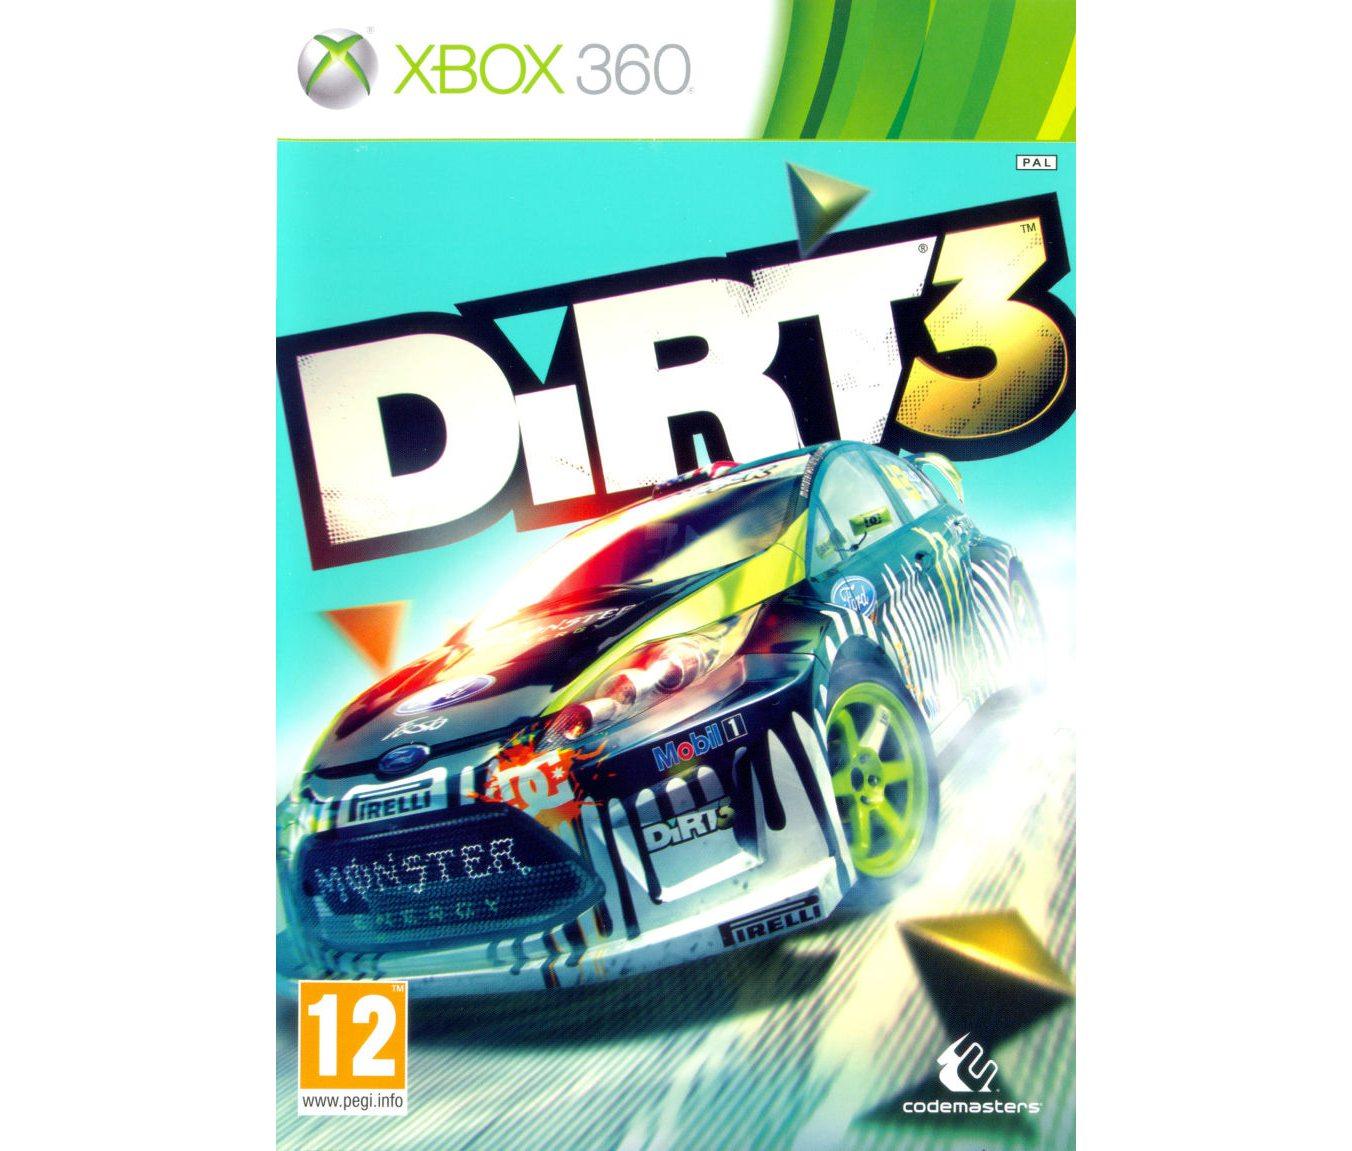 Xbox 360 Dirt 3 Xbox 360